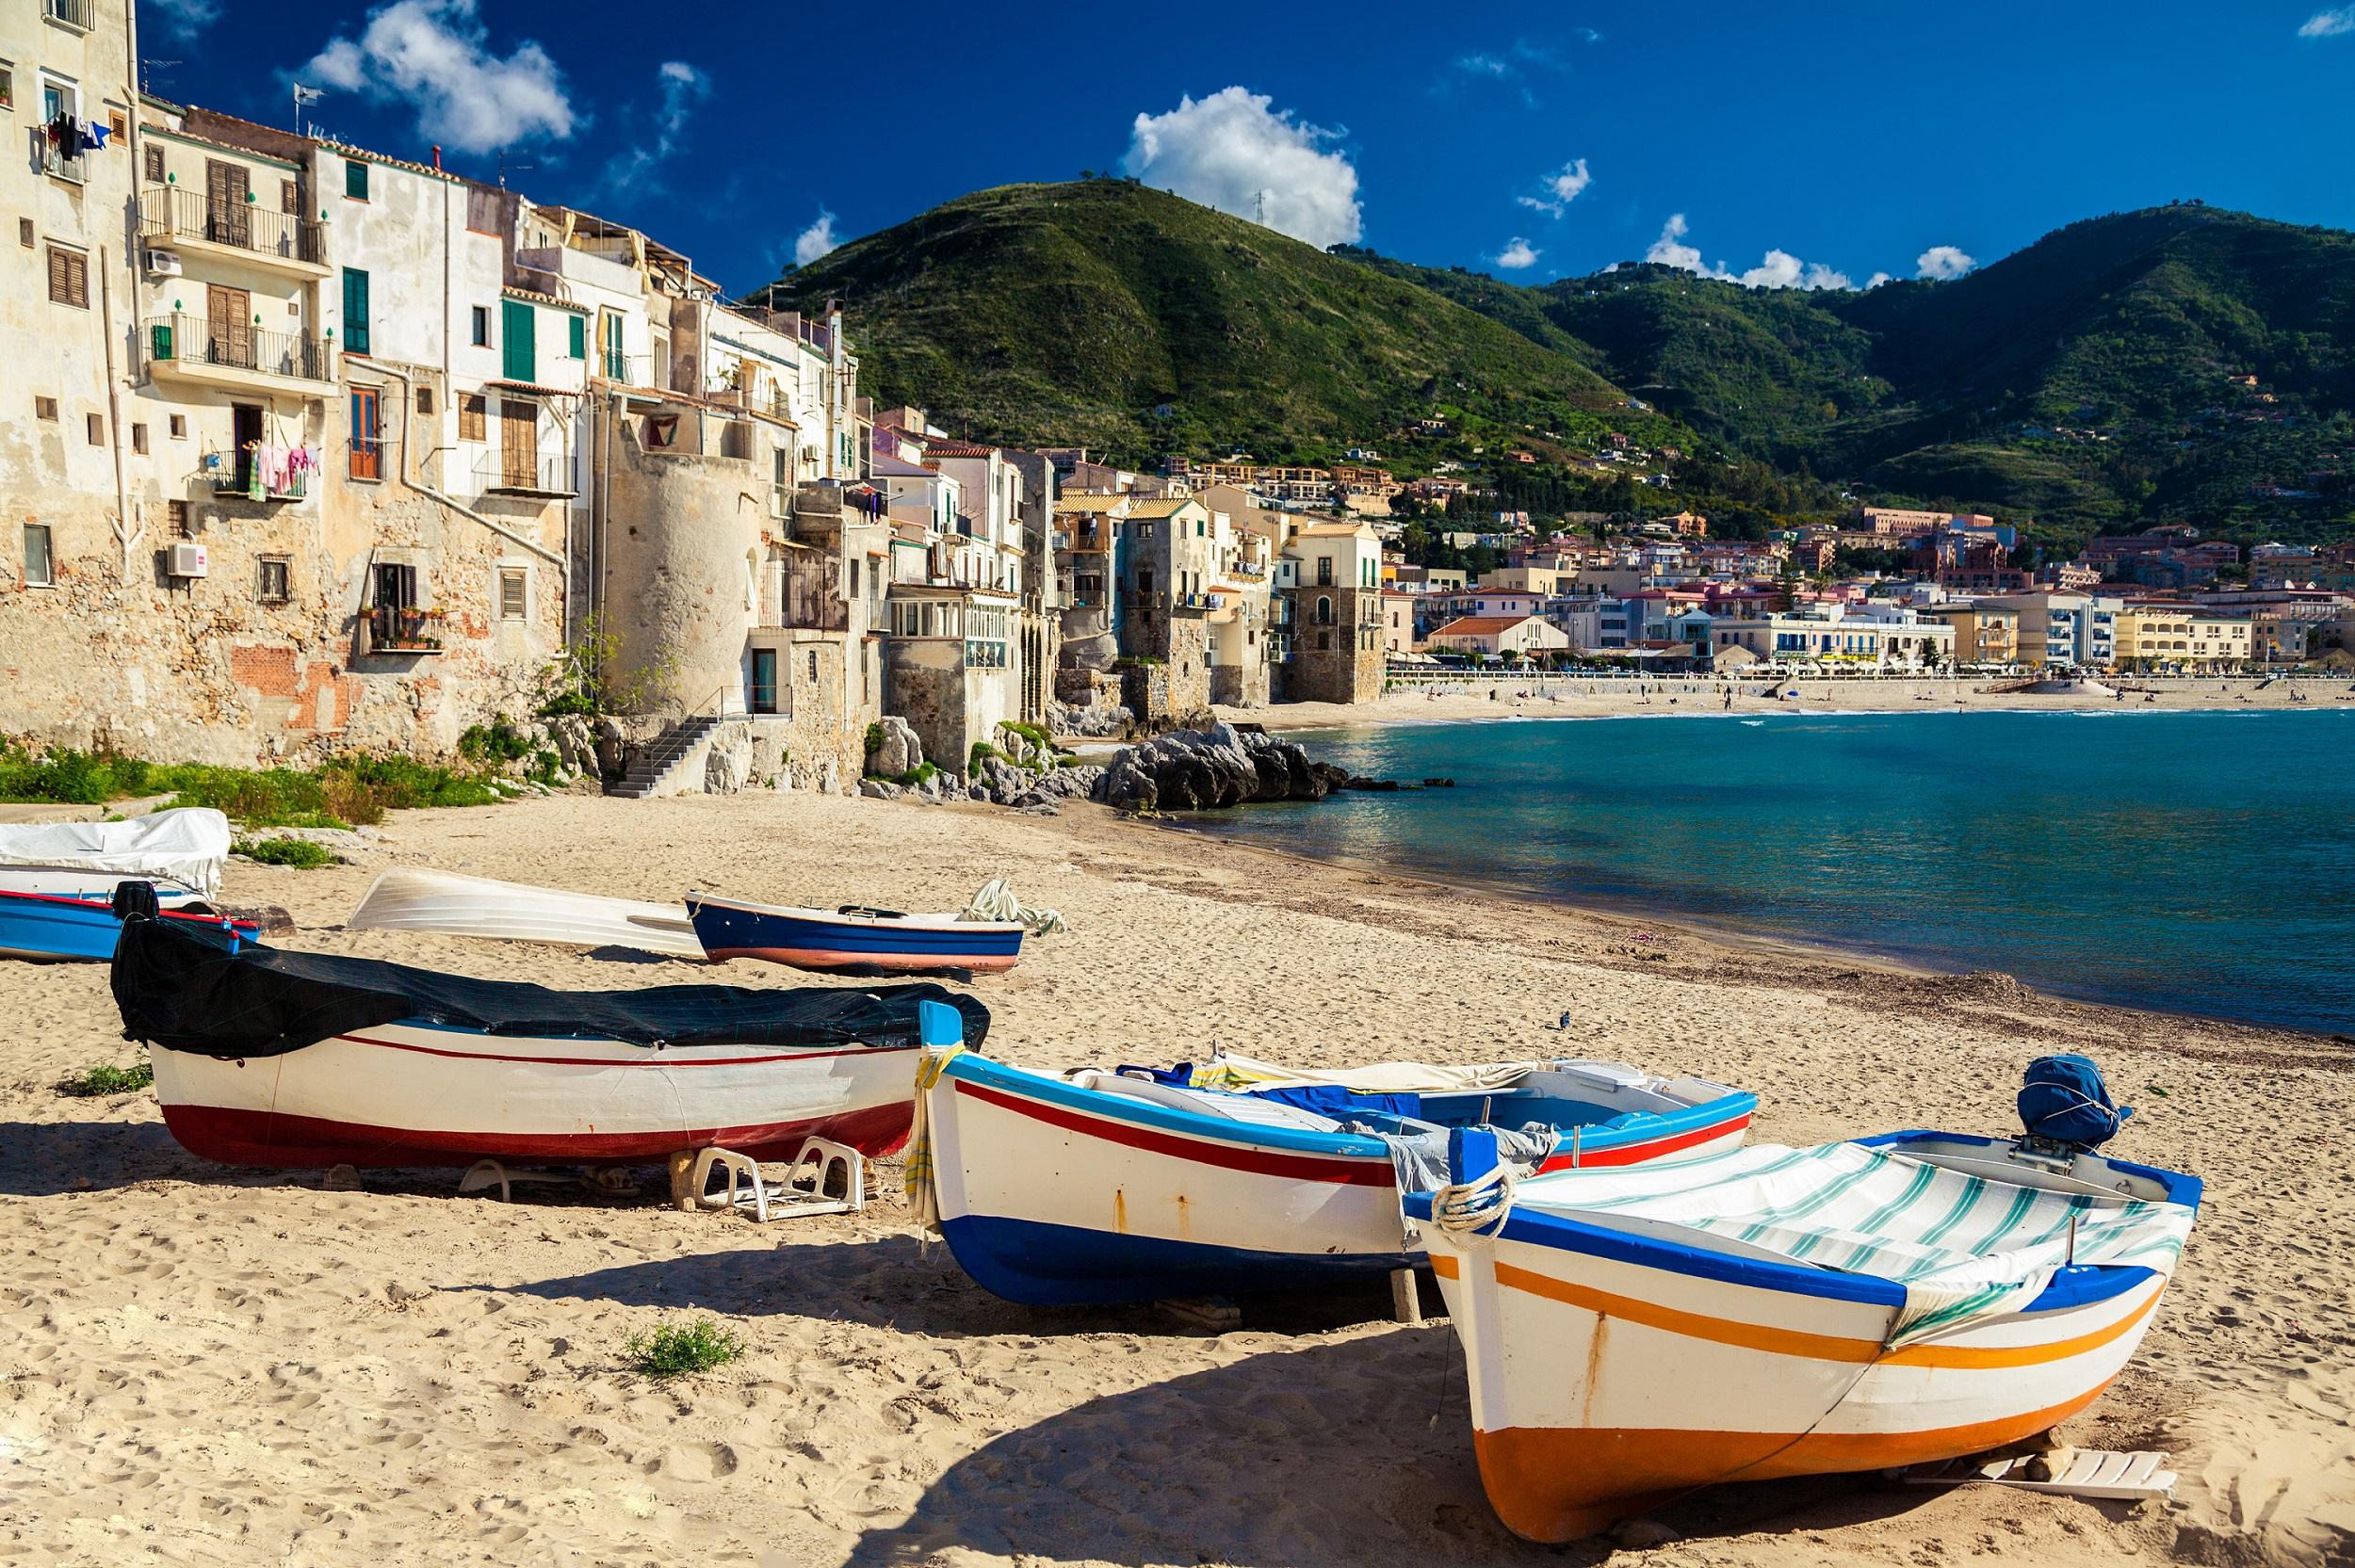 Boats_on_Beach_Sicily